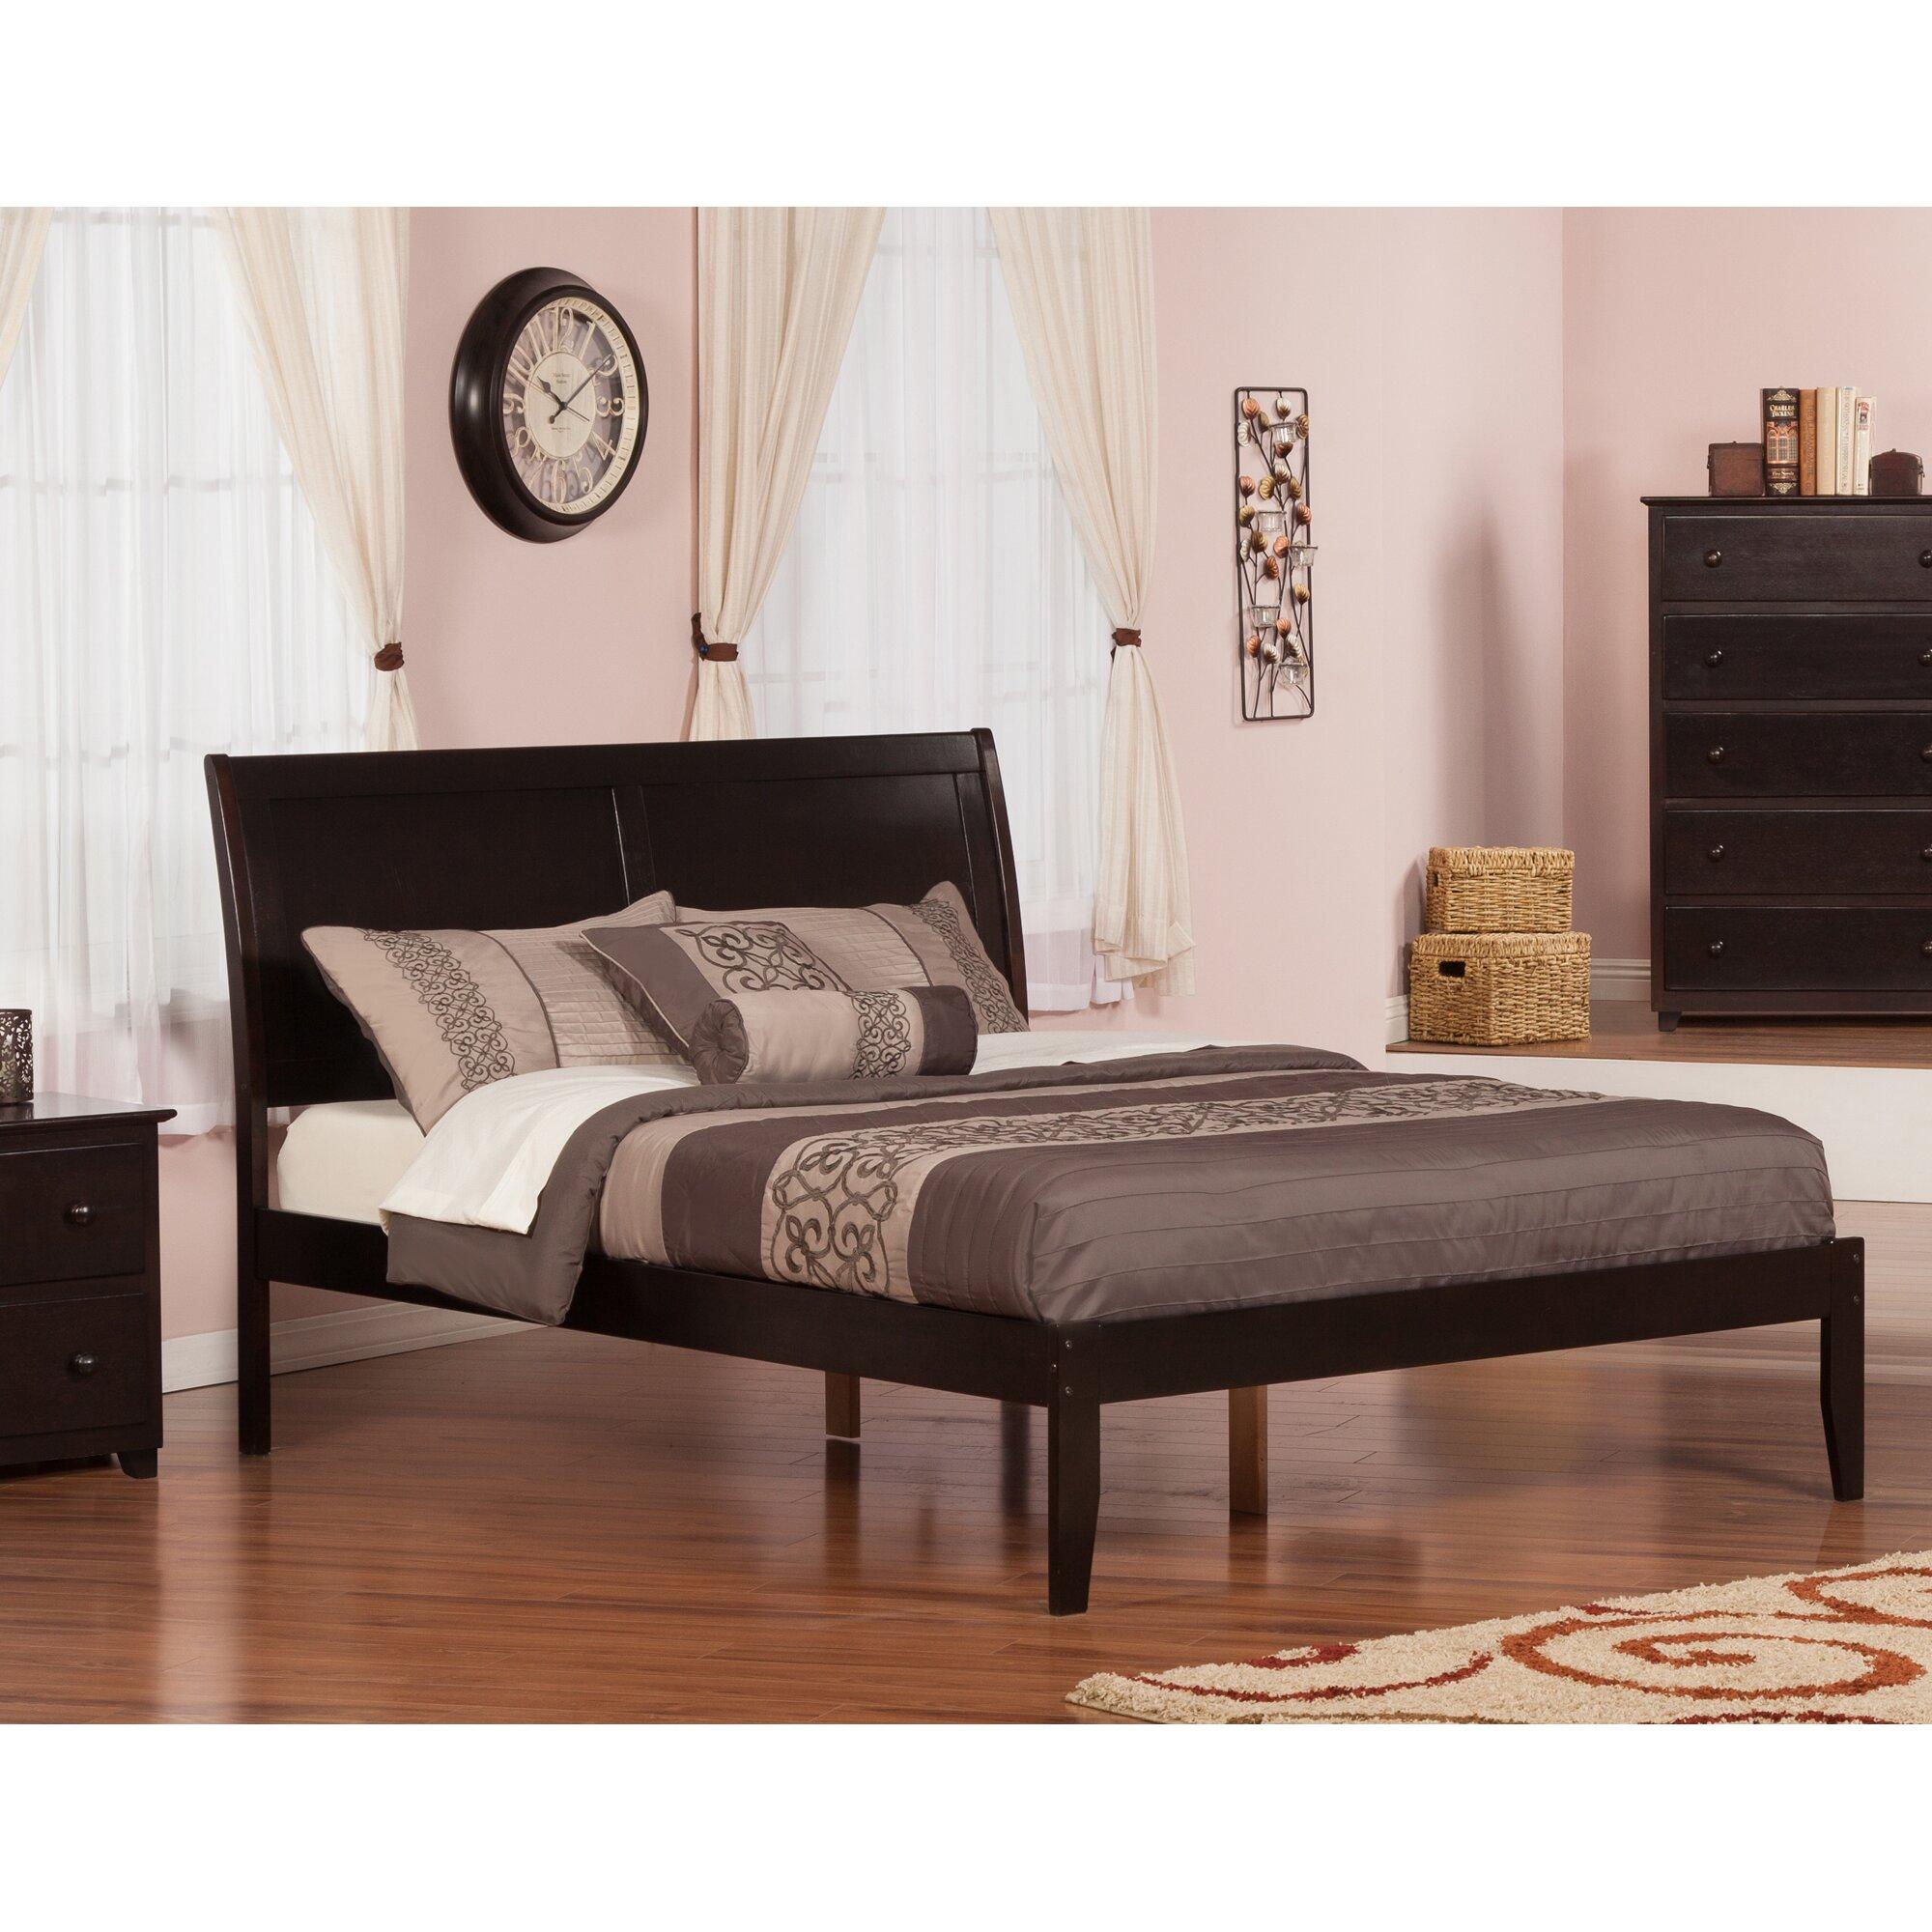 Atlantic Furniture Portland Bed Reviews